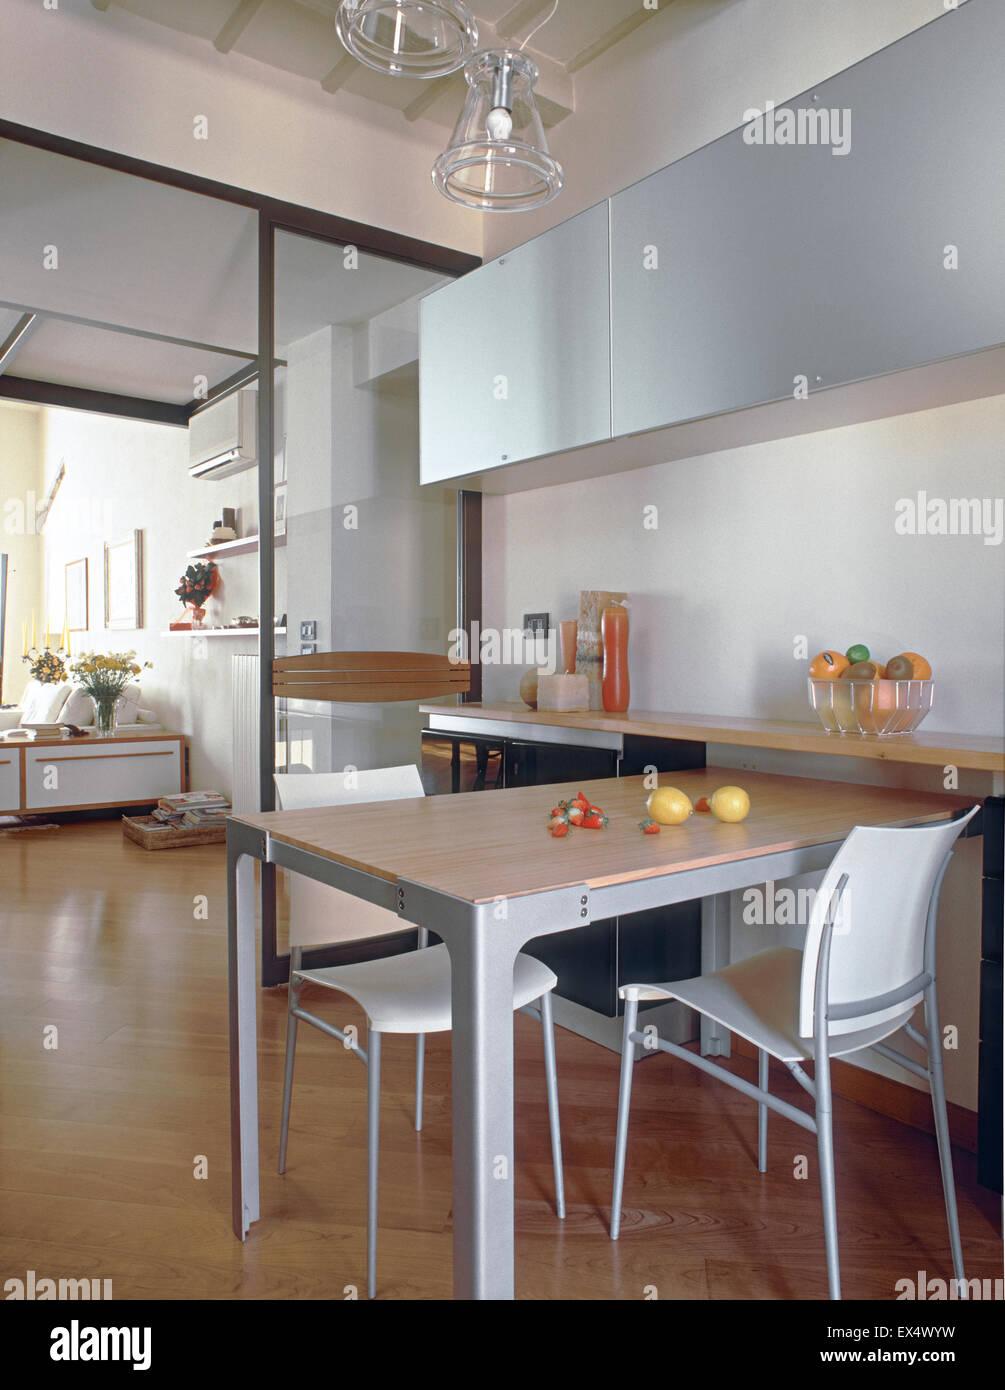 Il soggiorno con cucina a vista è una soluzione che piace sempre di più e che da alcuni anni troviamo in. Vista Interna Della Cucina Moderna Che Si Affaccia Sul Soggiorno Con Pavimento Di Legno In Primo Piano Il Tavolo Da Pranzo Foto Stock Alamy